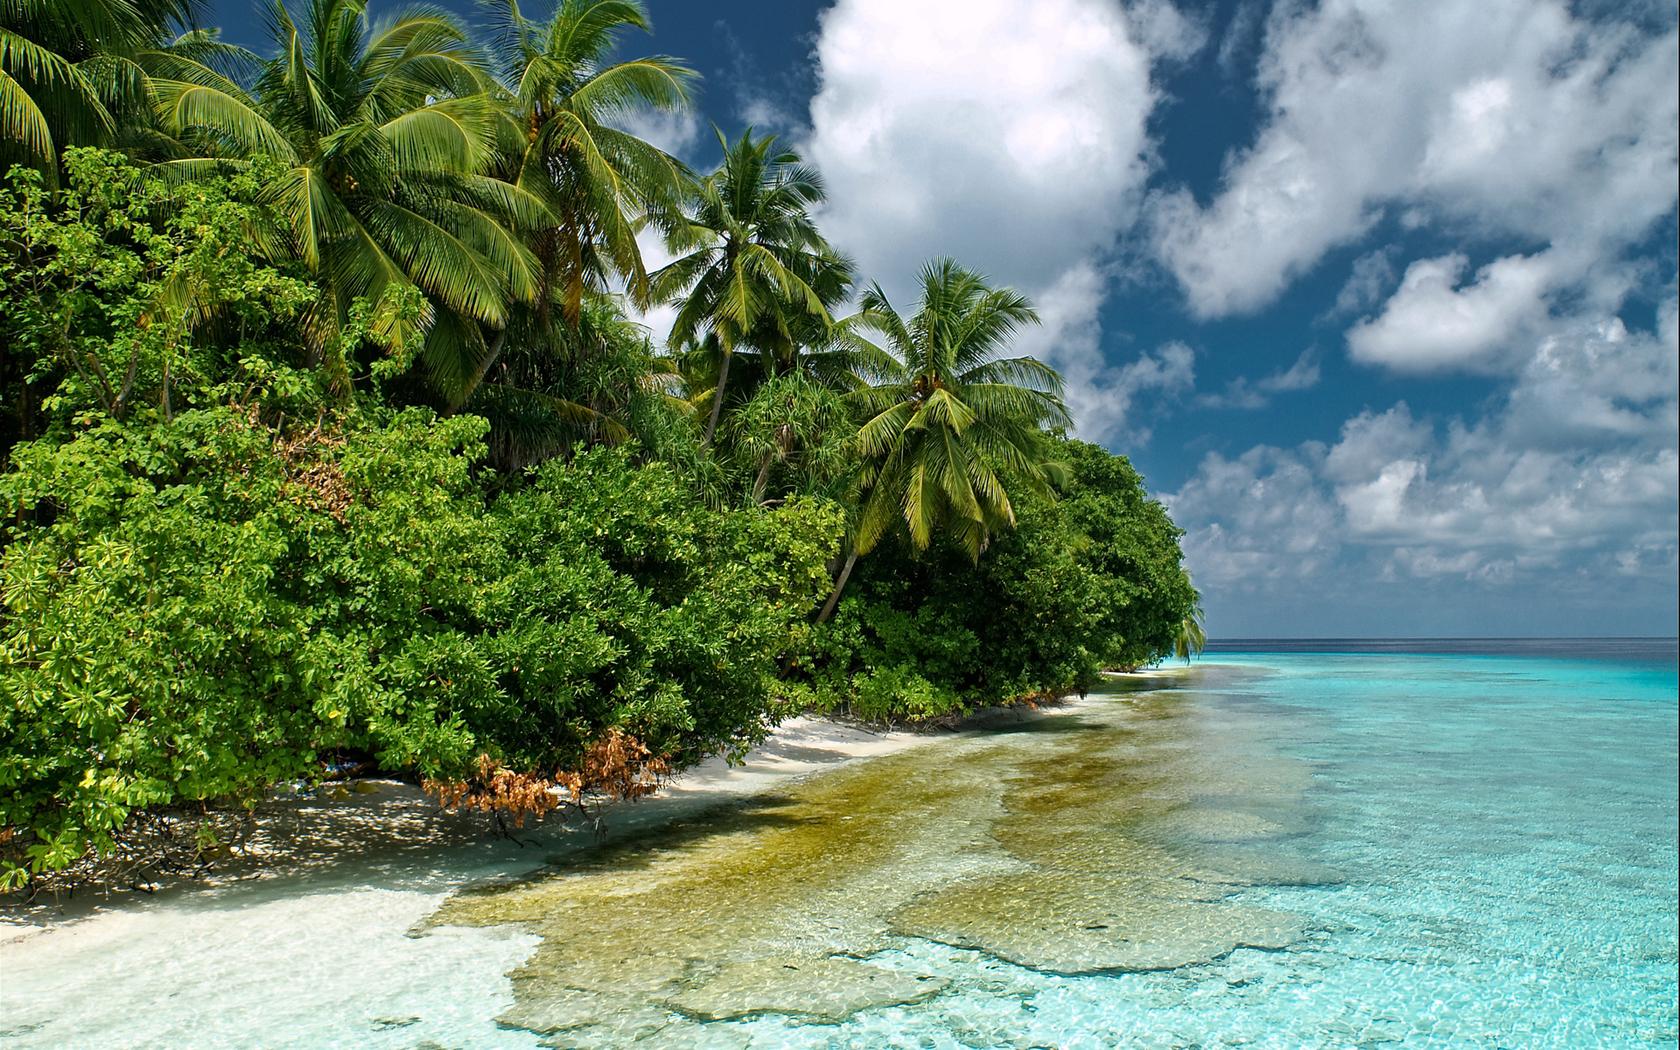 28940 скачать обои Пейзаж, Море, Пальмы - заставки и картинки бесплатно